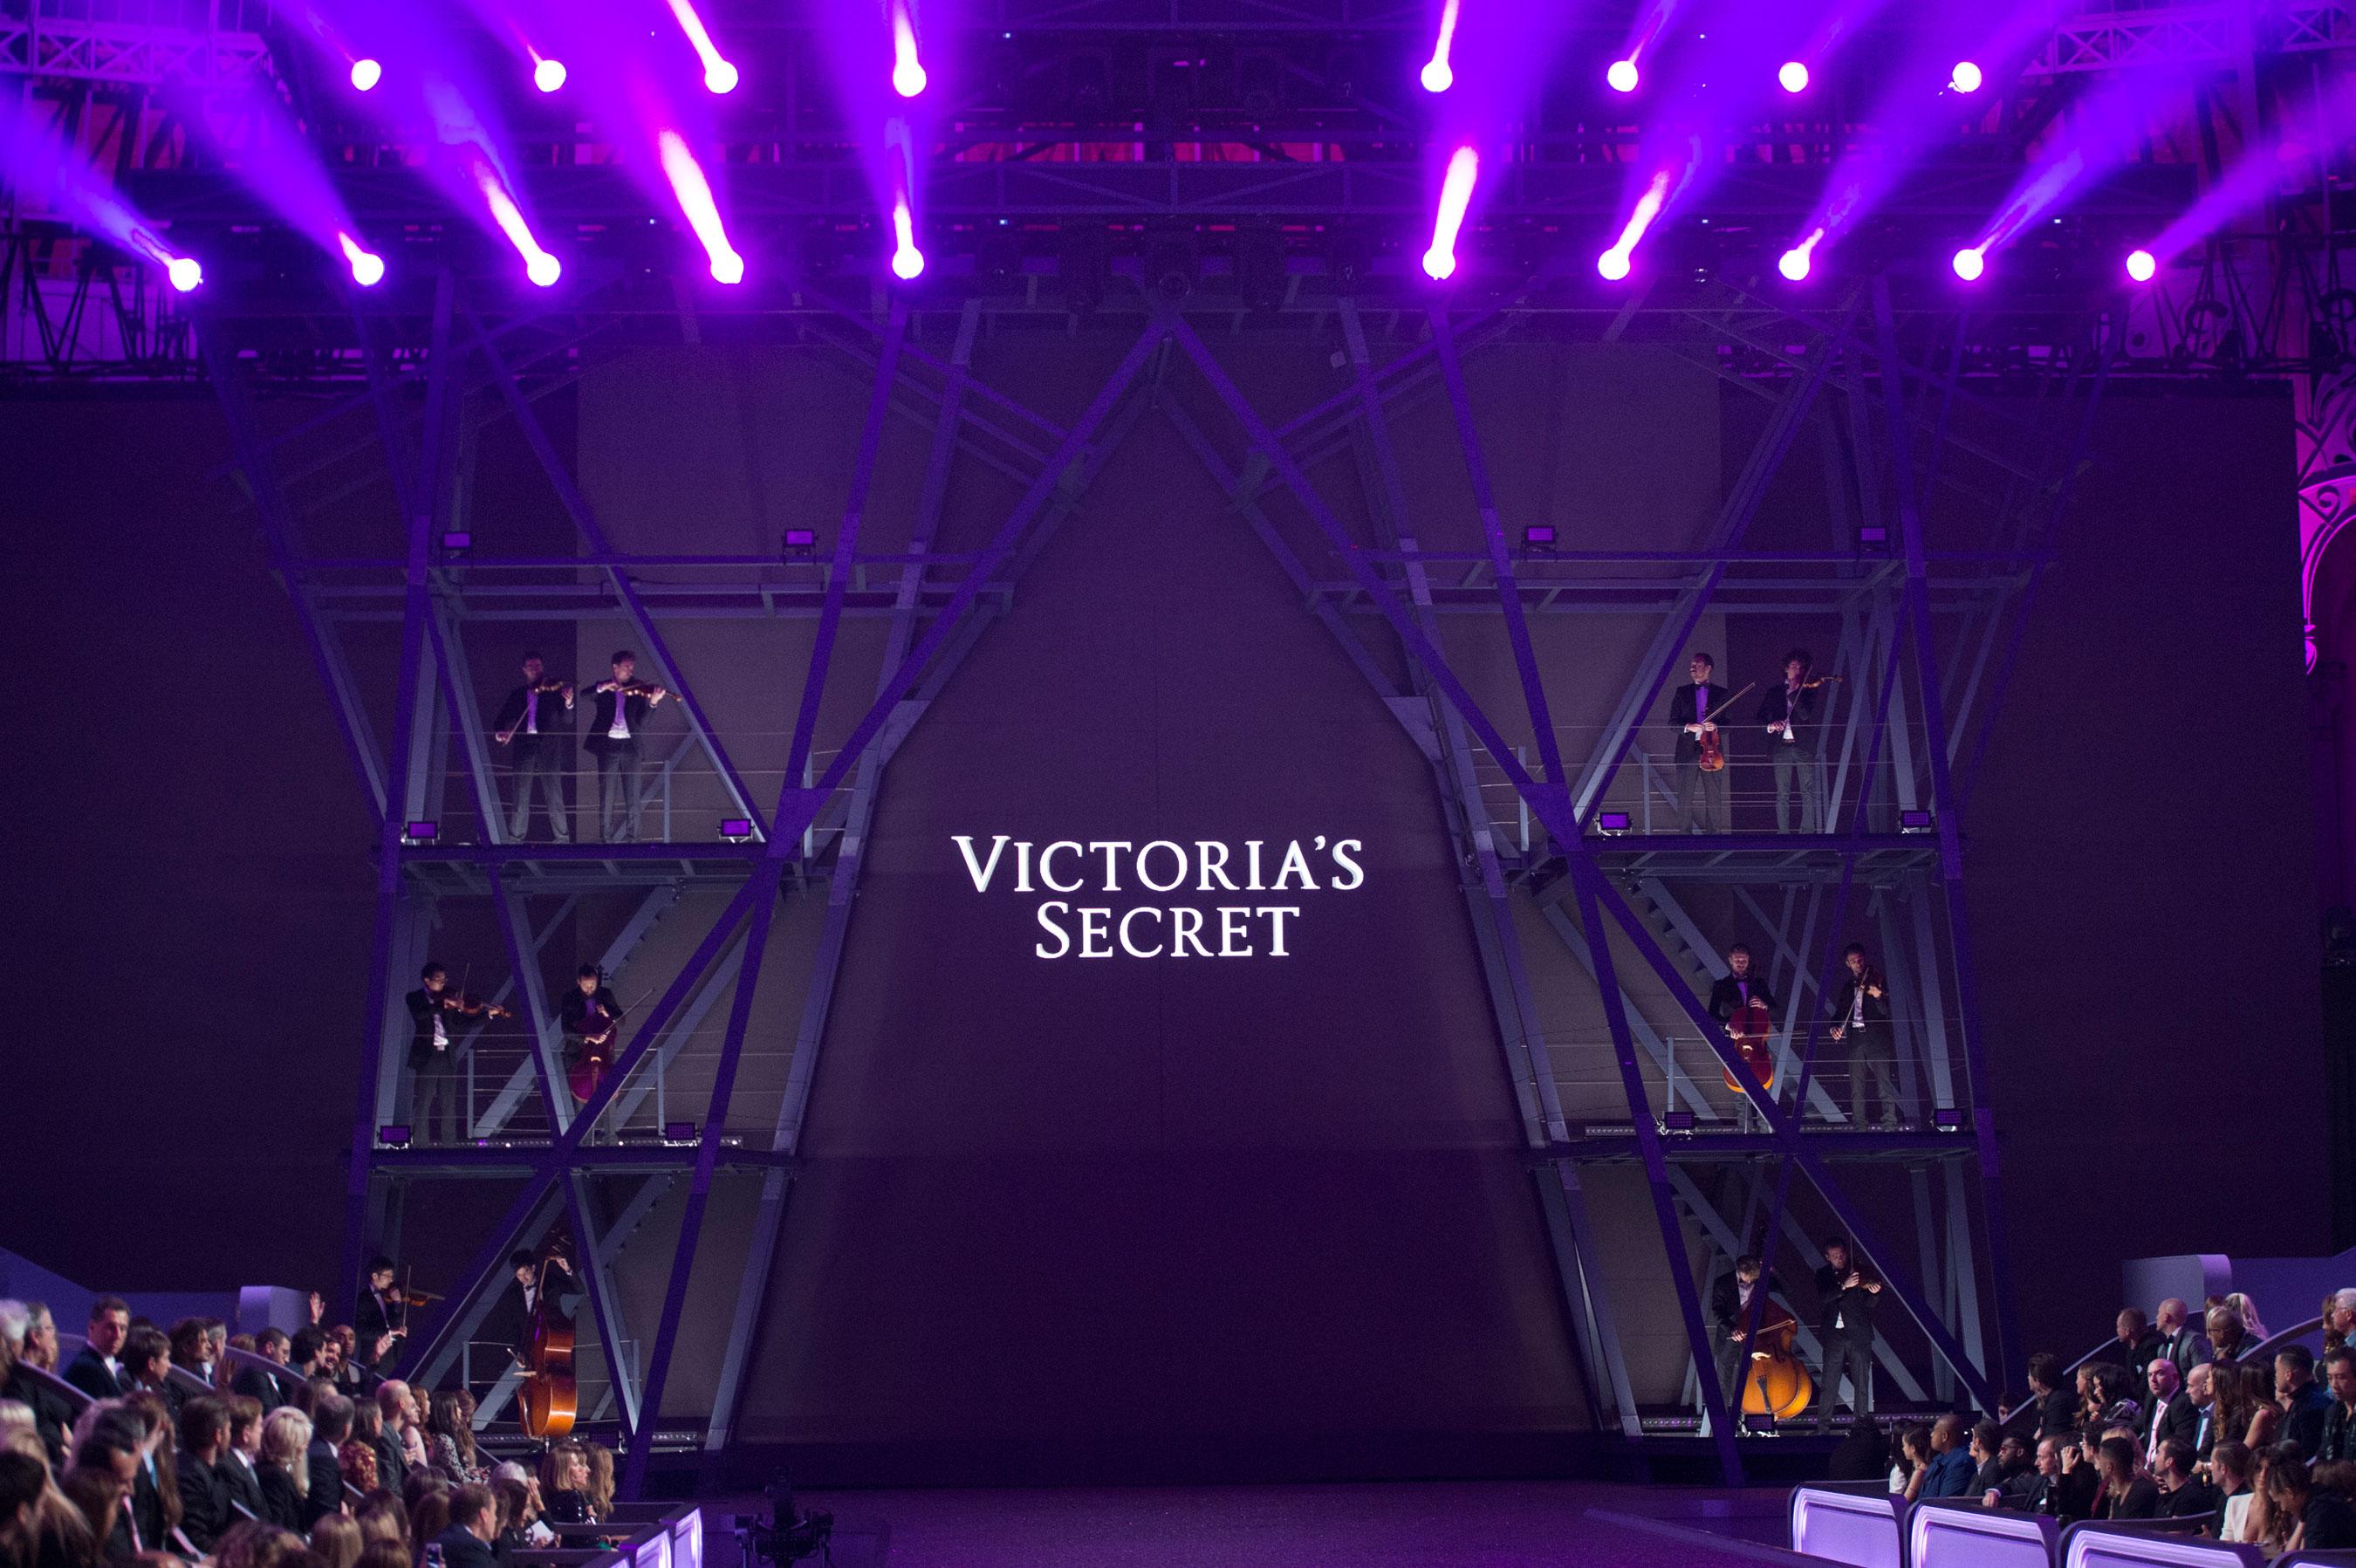 Paris Victoria's secret extraordinary extravaganza